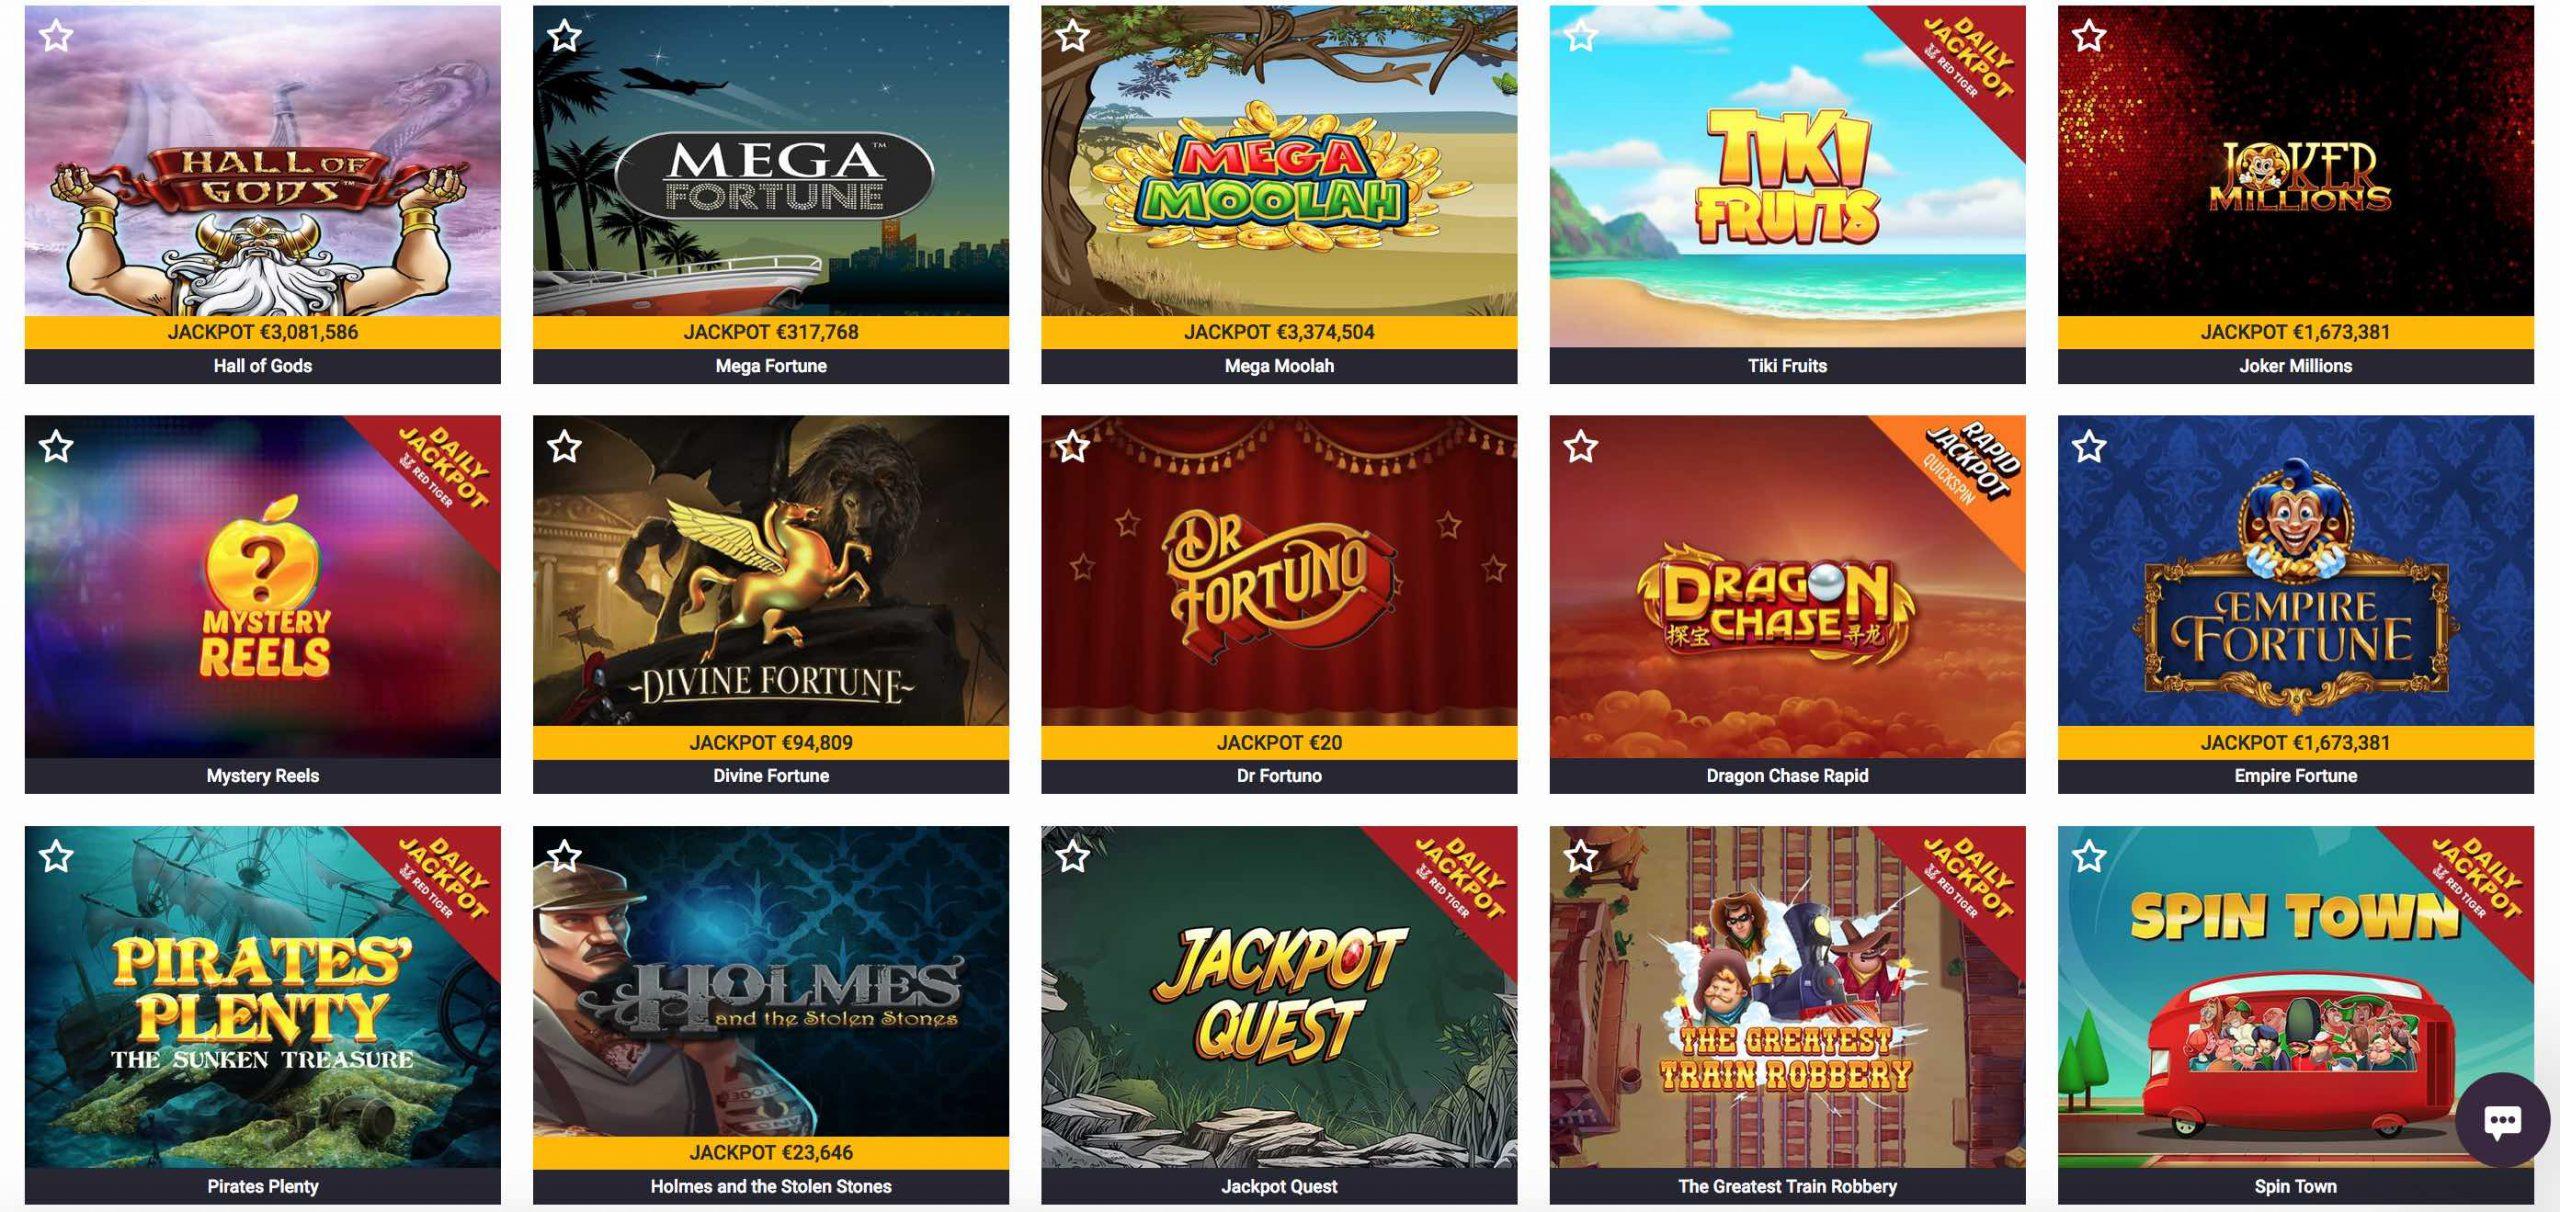 Guts Casino Jackpot Slots